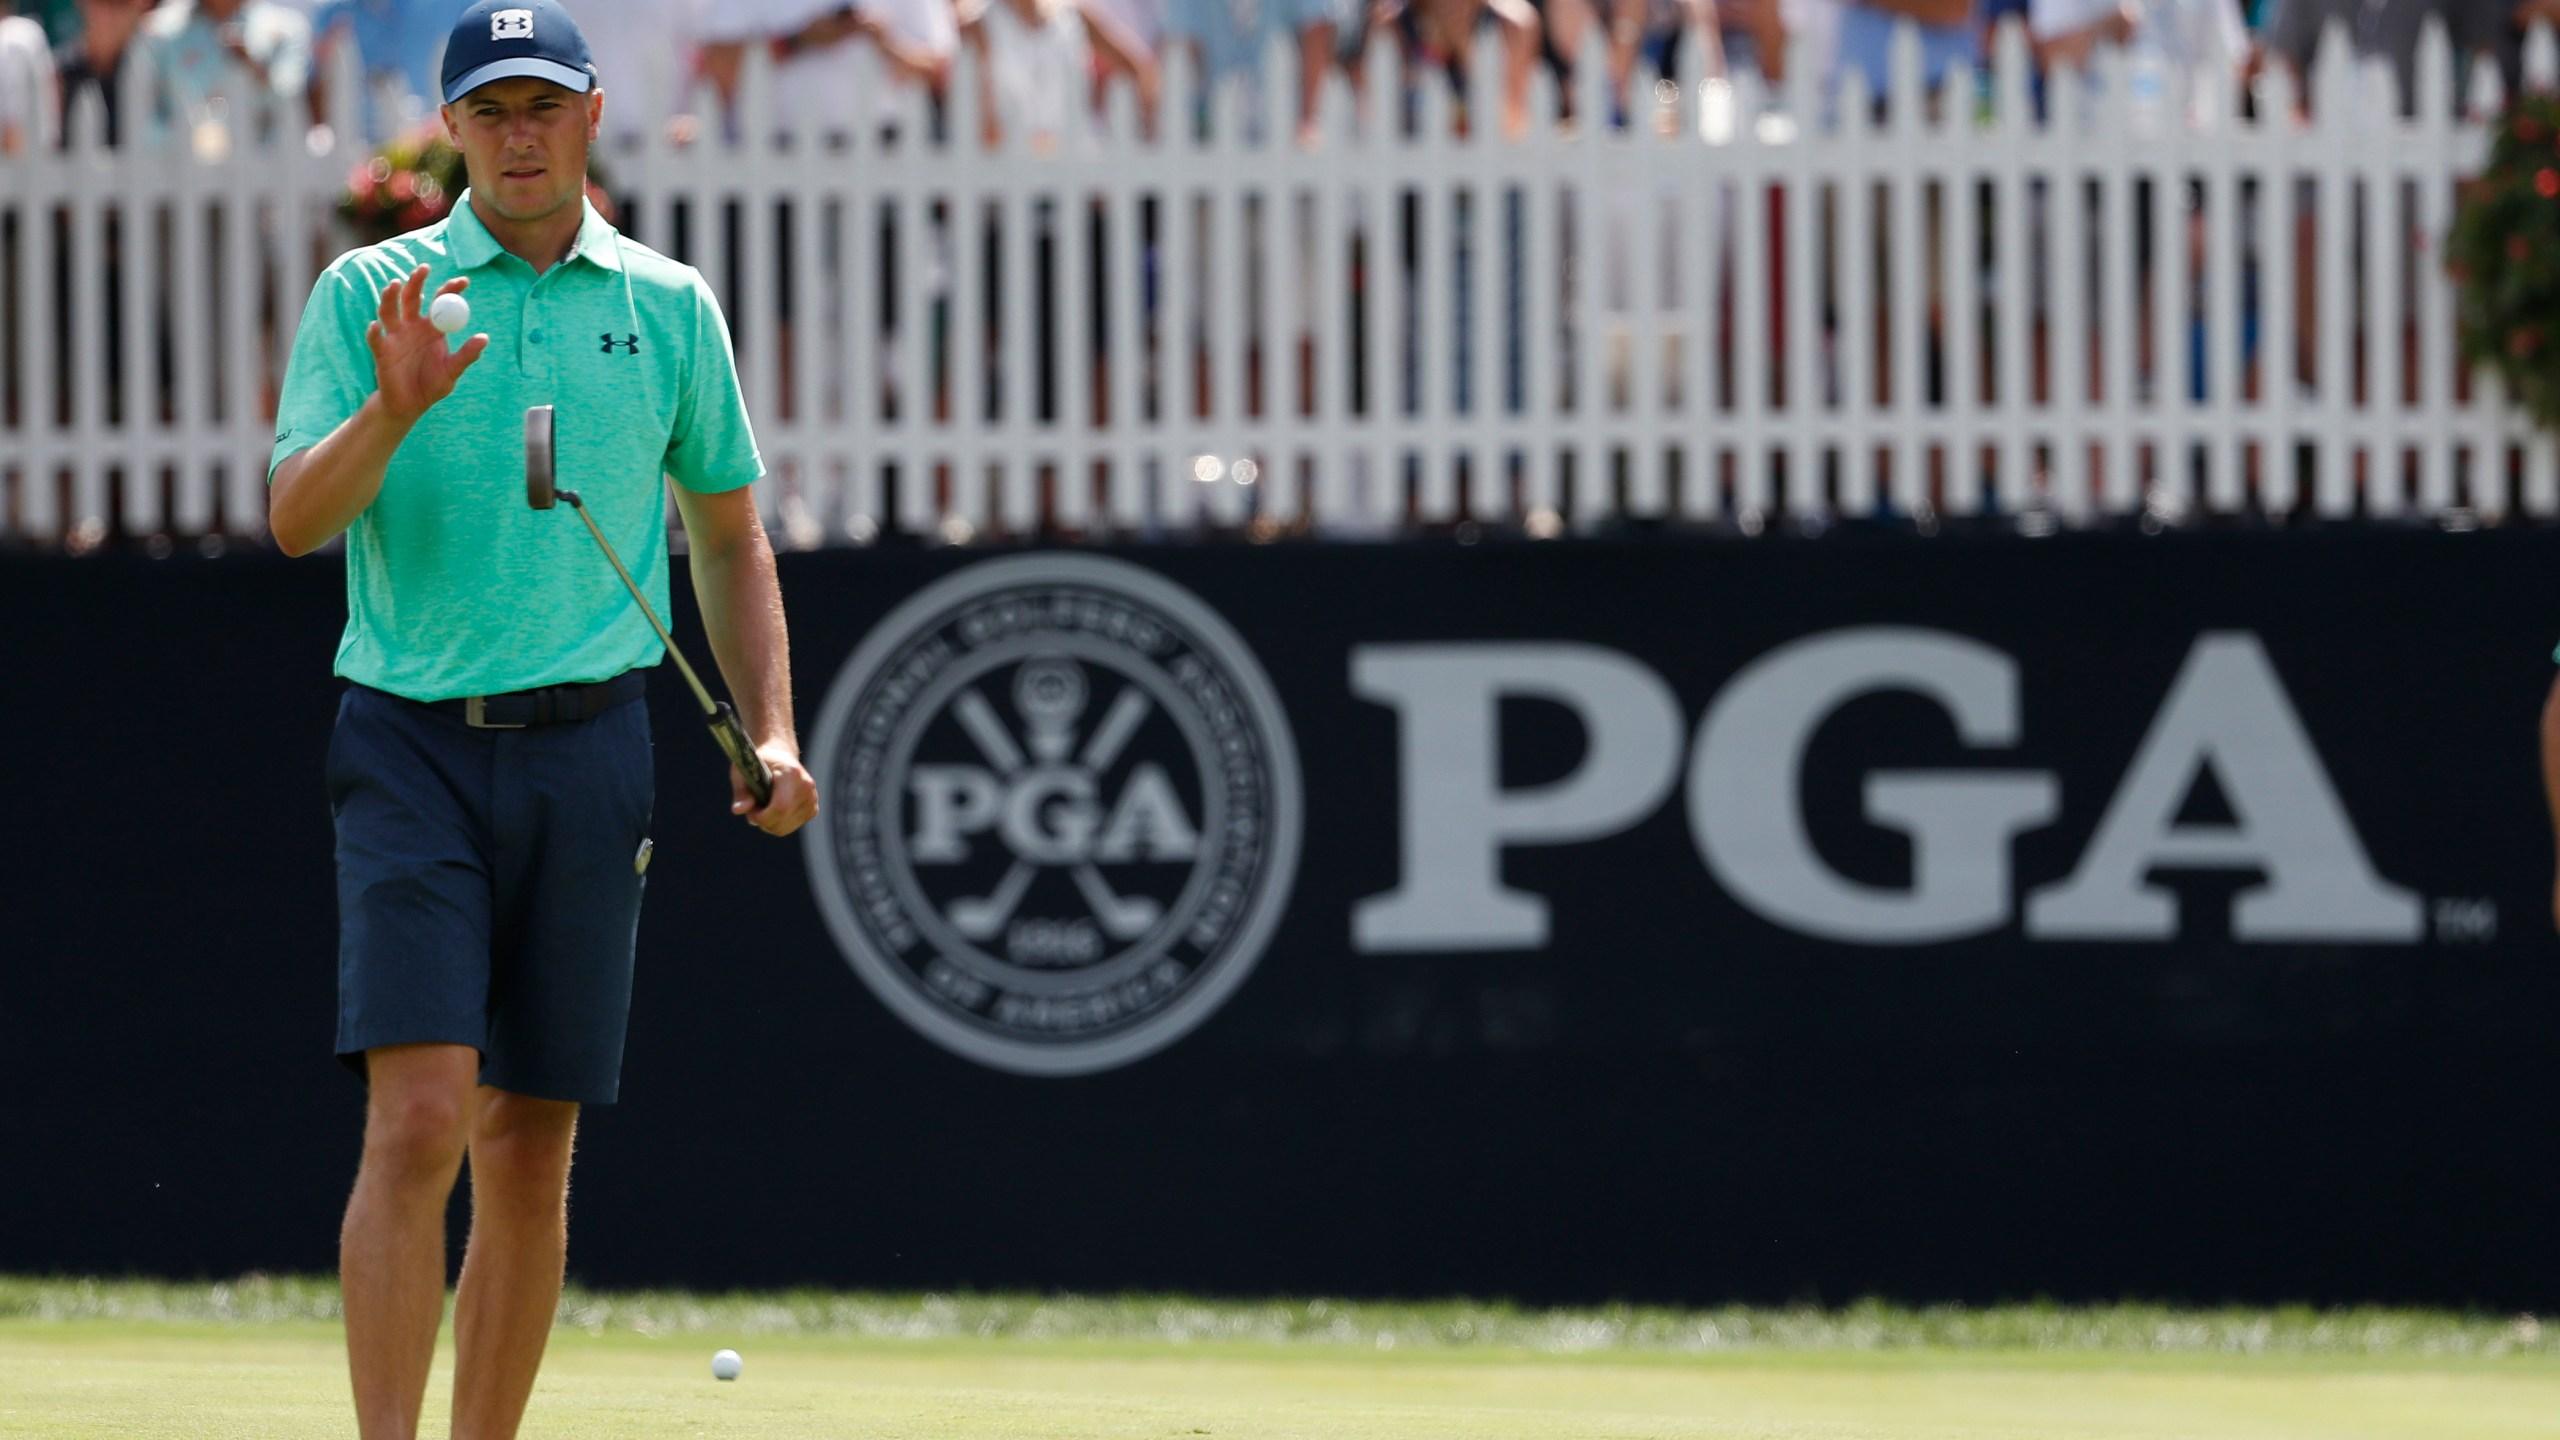 PGA Championship Golf_1533784529622